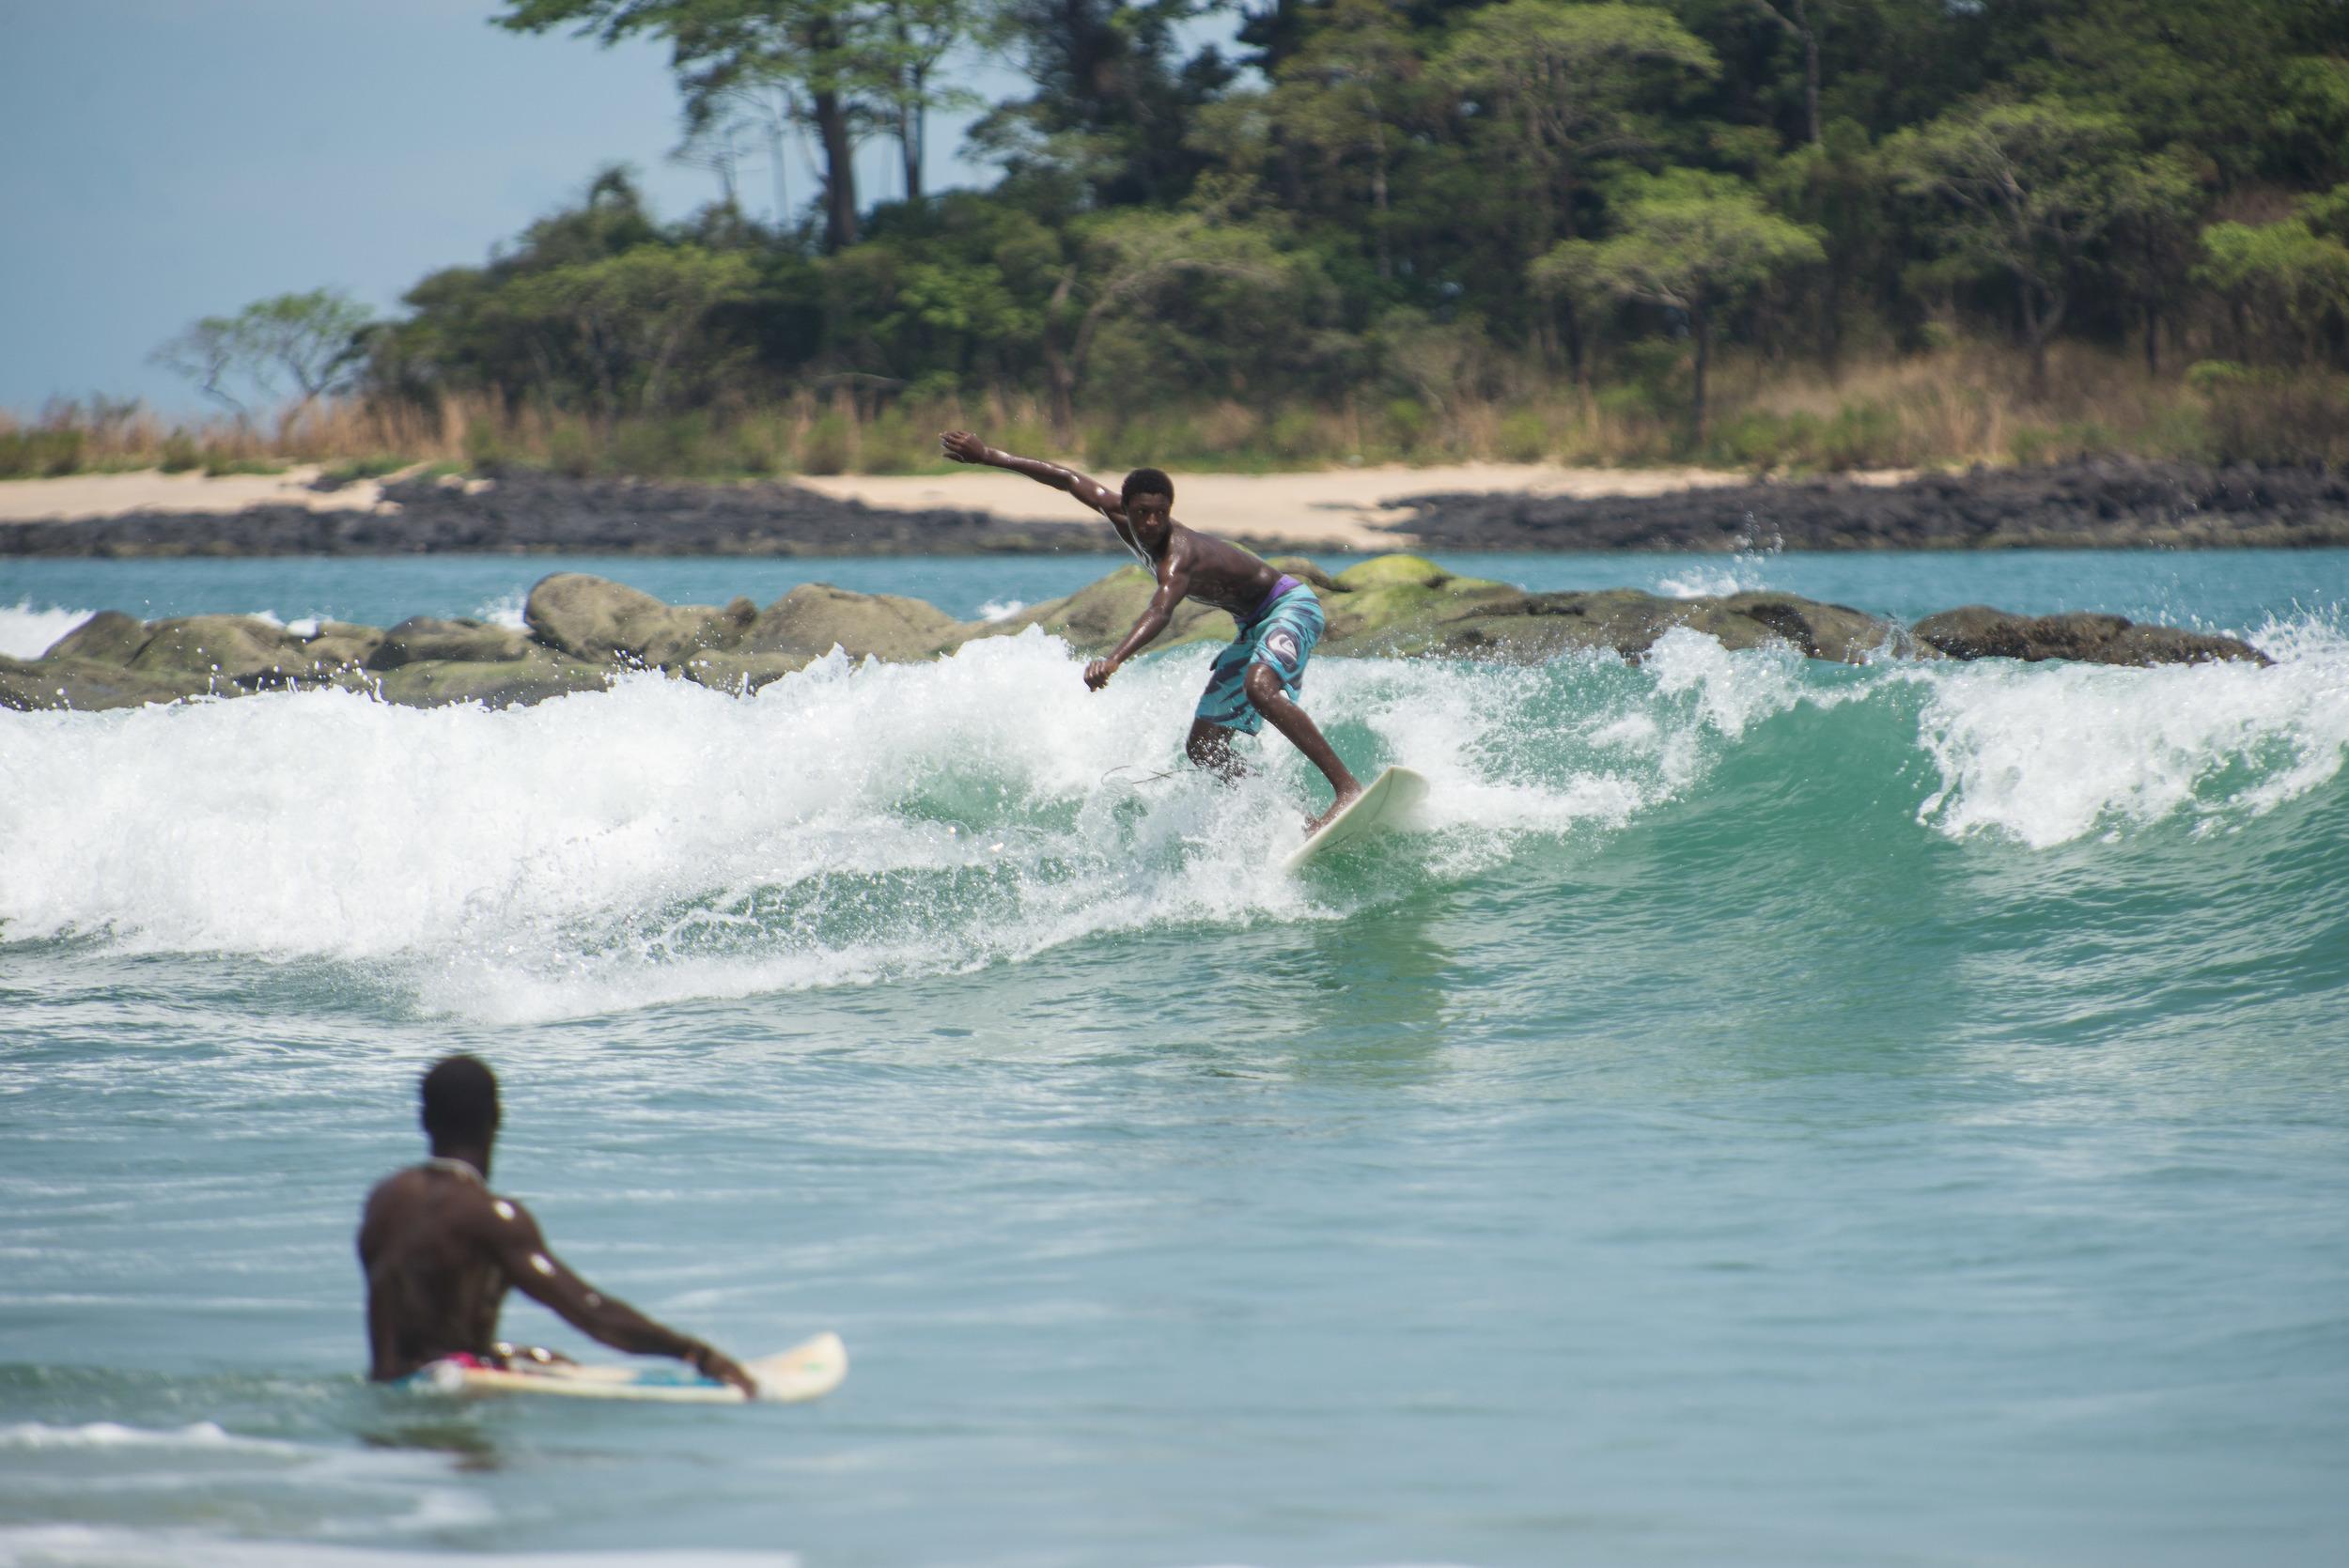 Mohammed_surf01.jpg